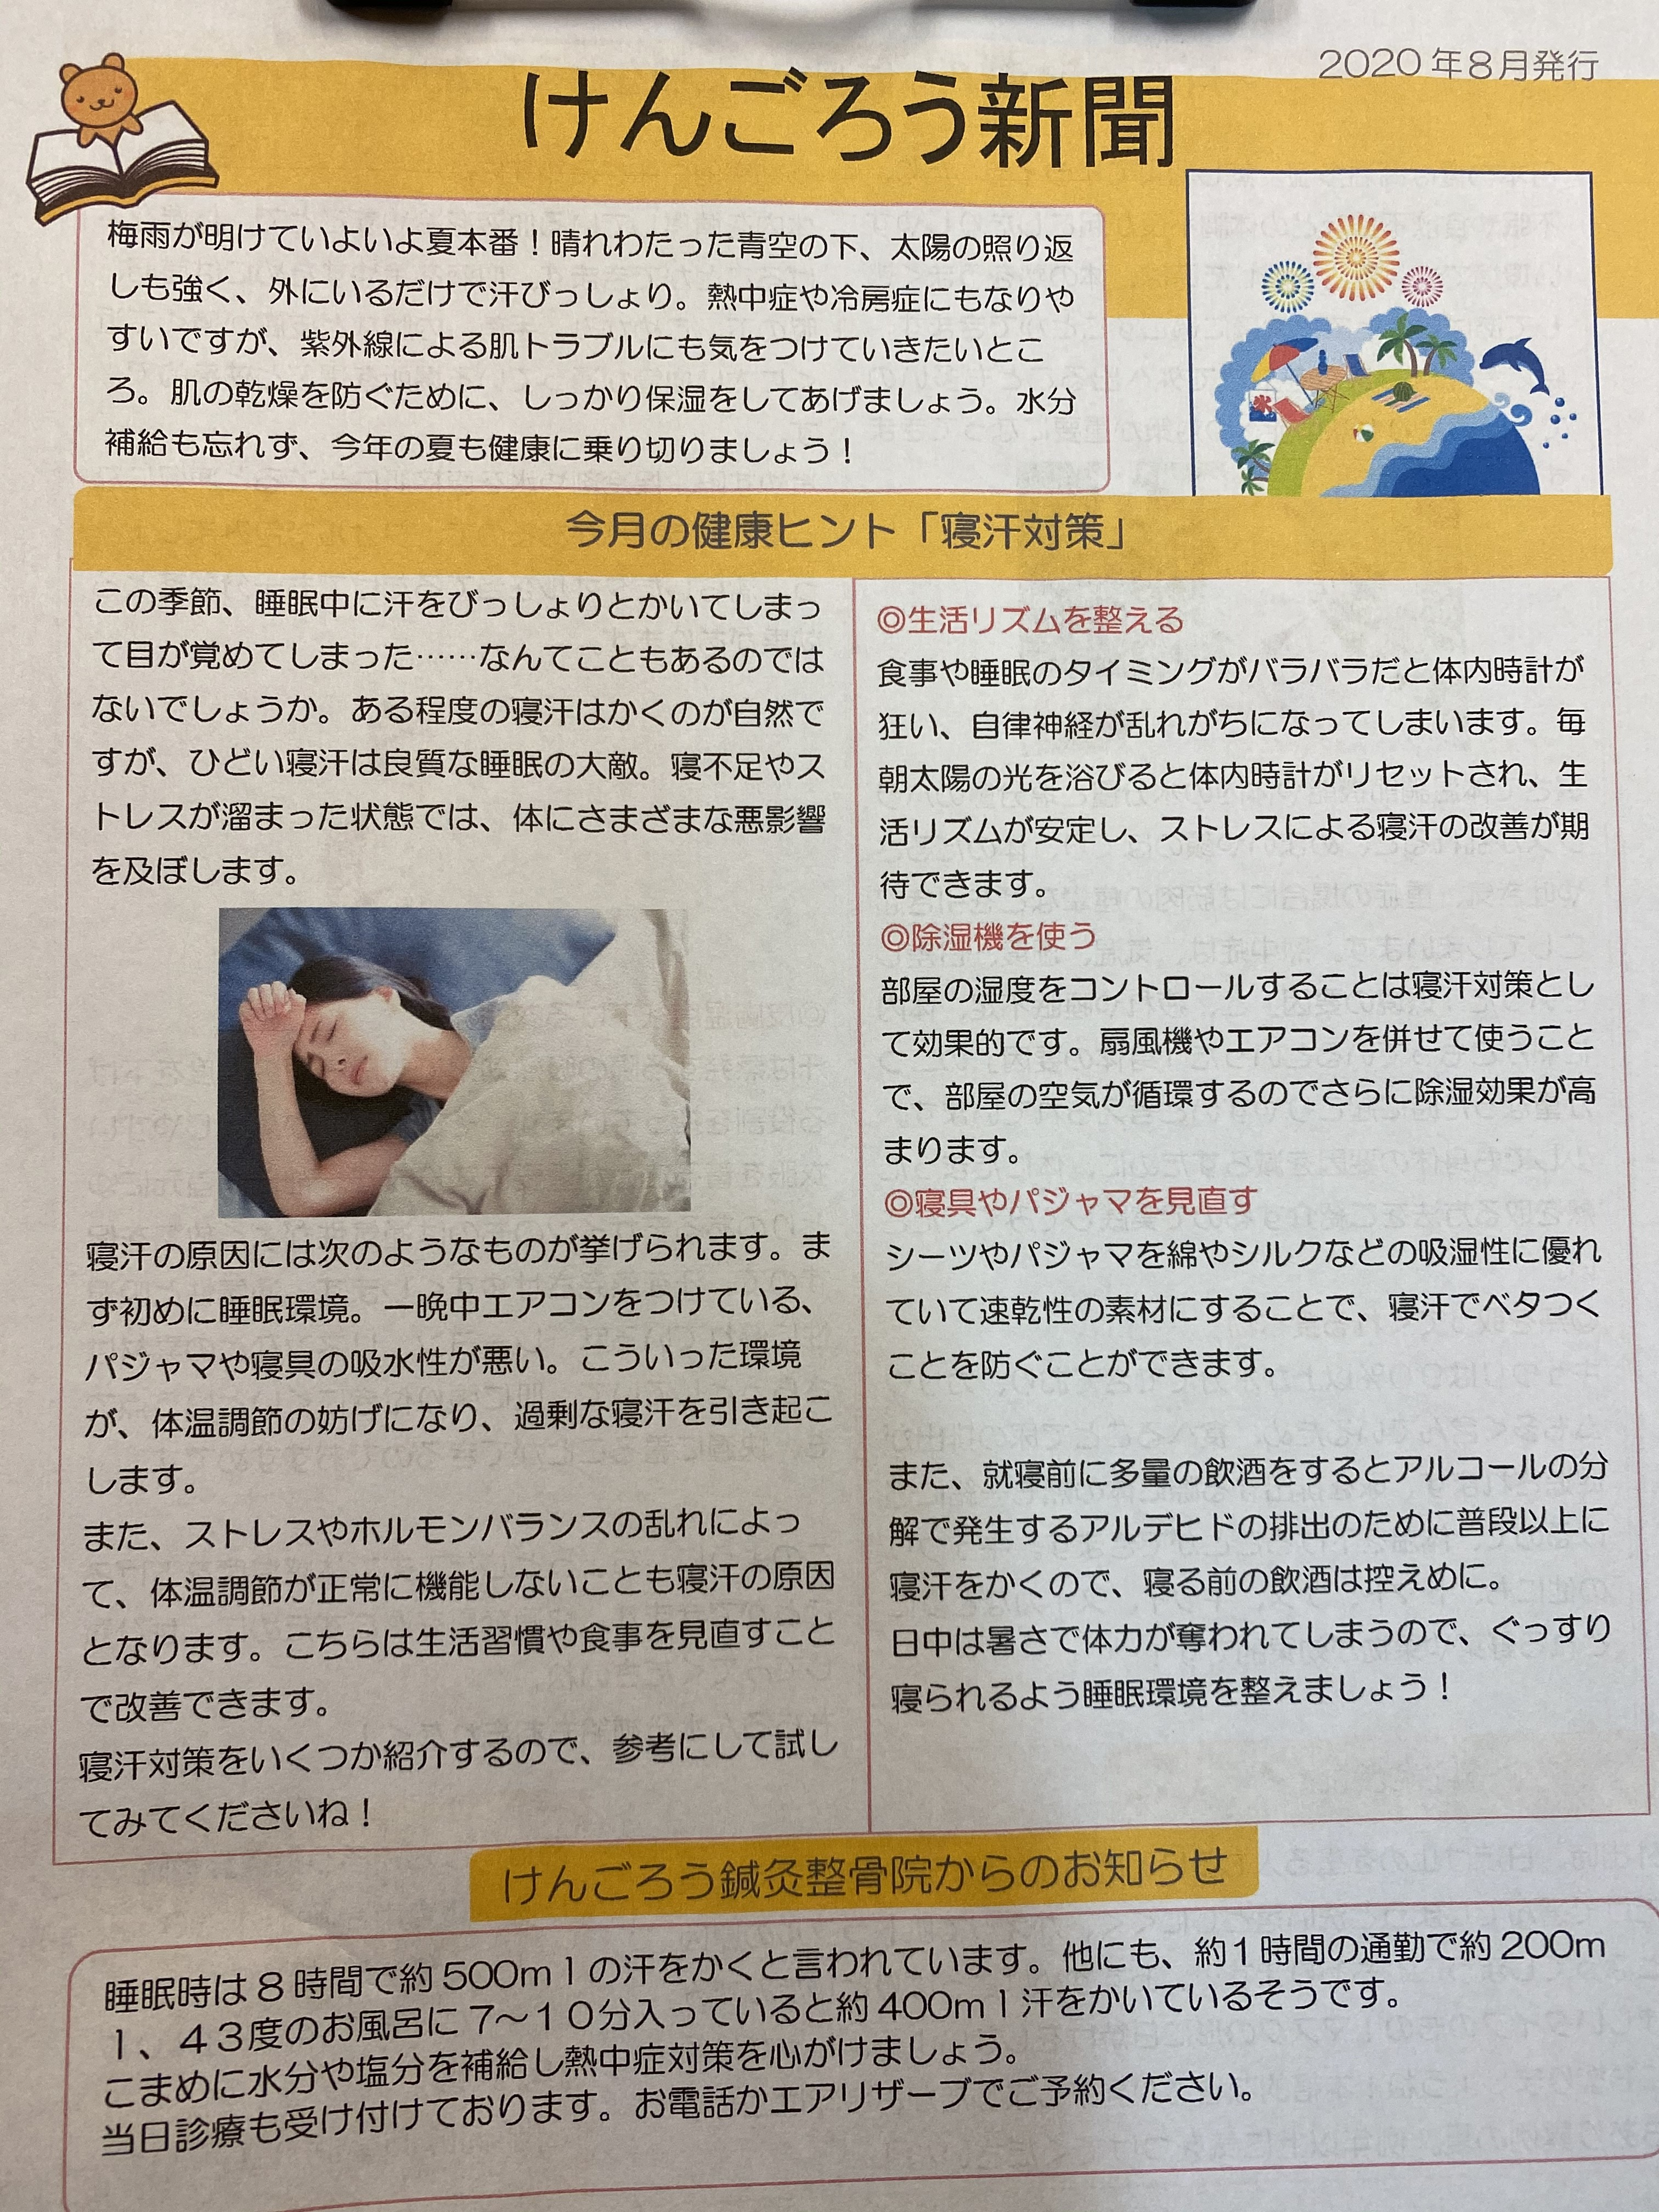 けんごろう新聞8月号【寝汗対策/大船/骨盤矯正】